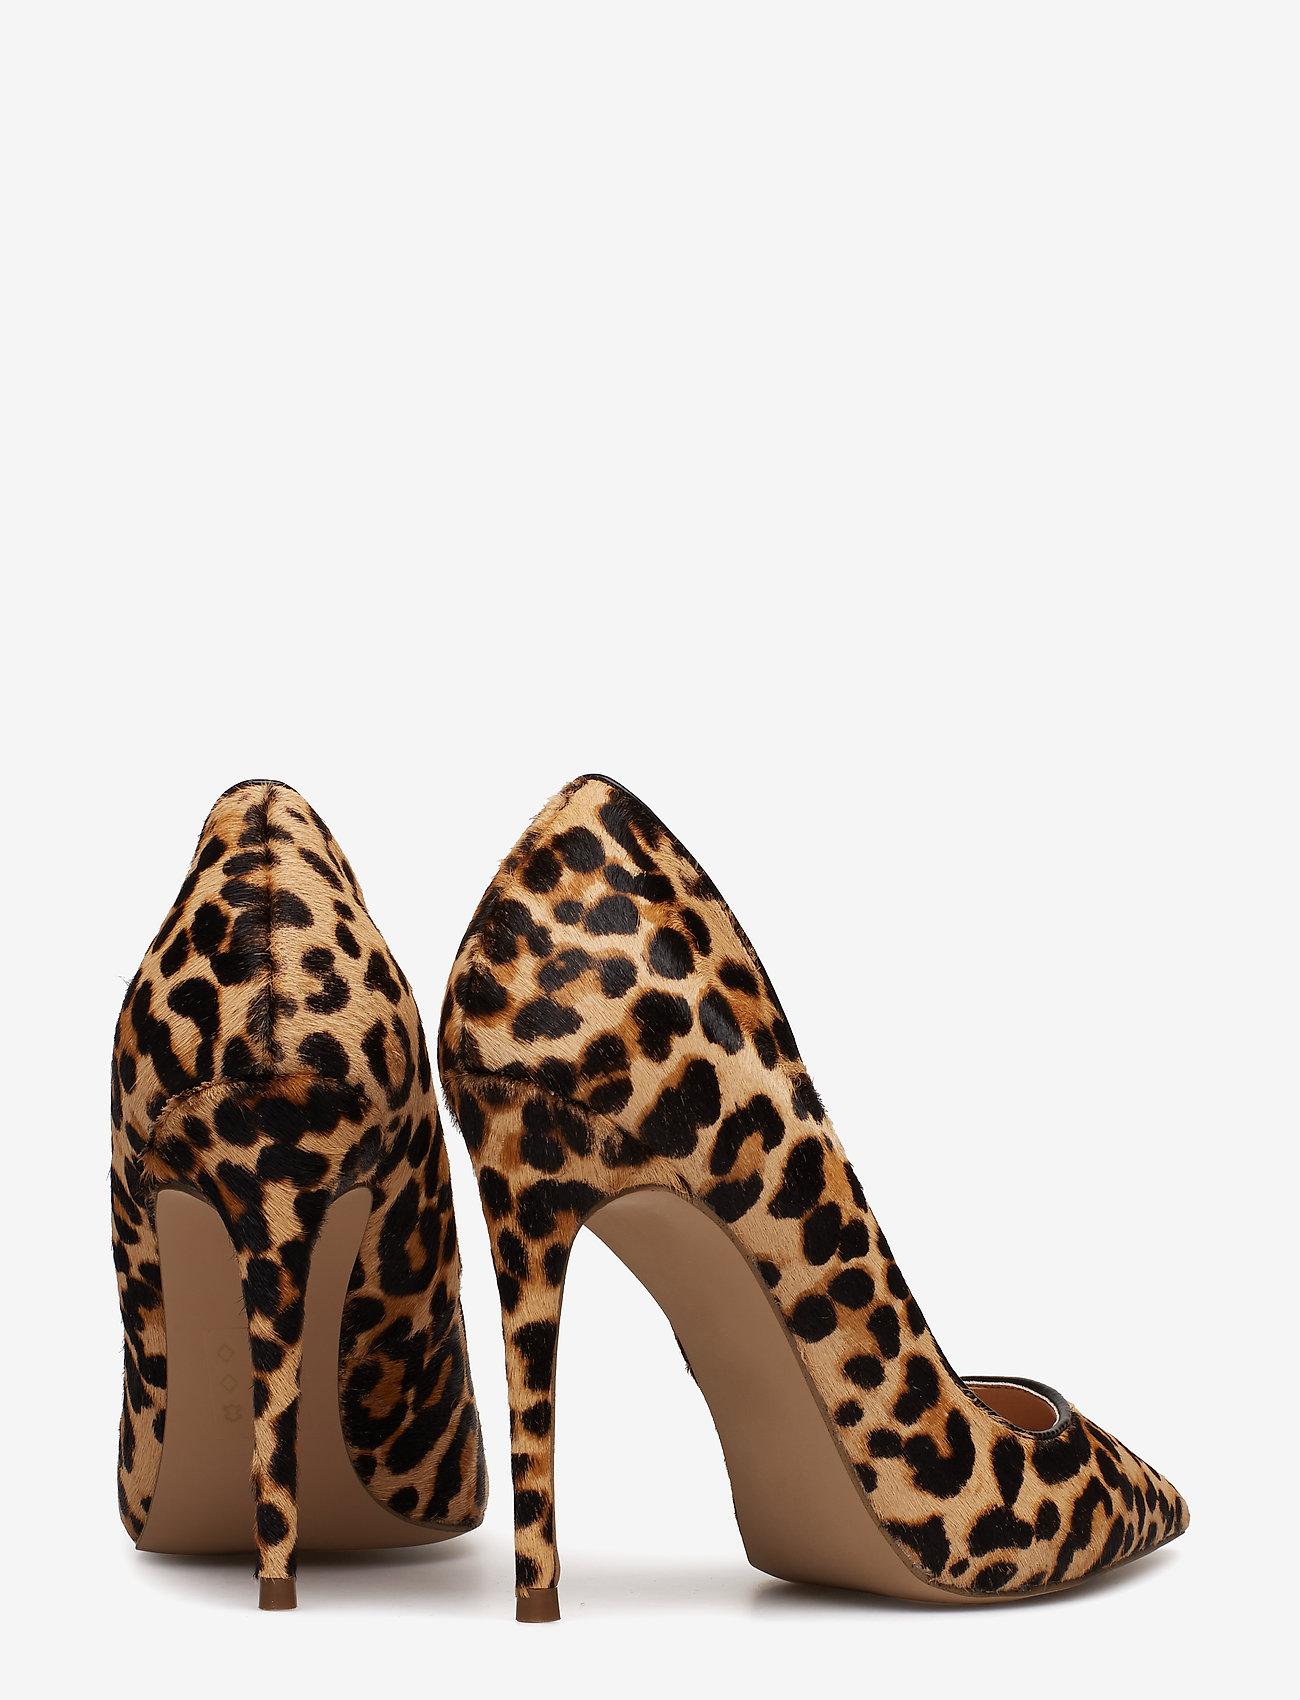 Daisie-l Heel (Leopard) - Steve Madden